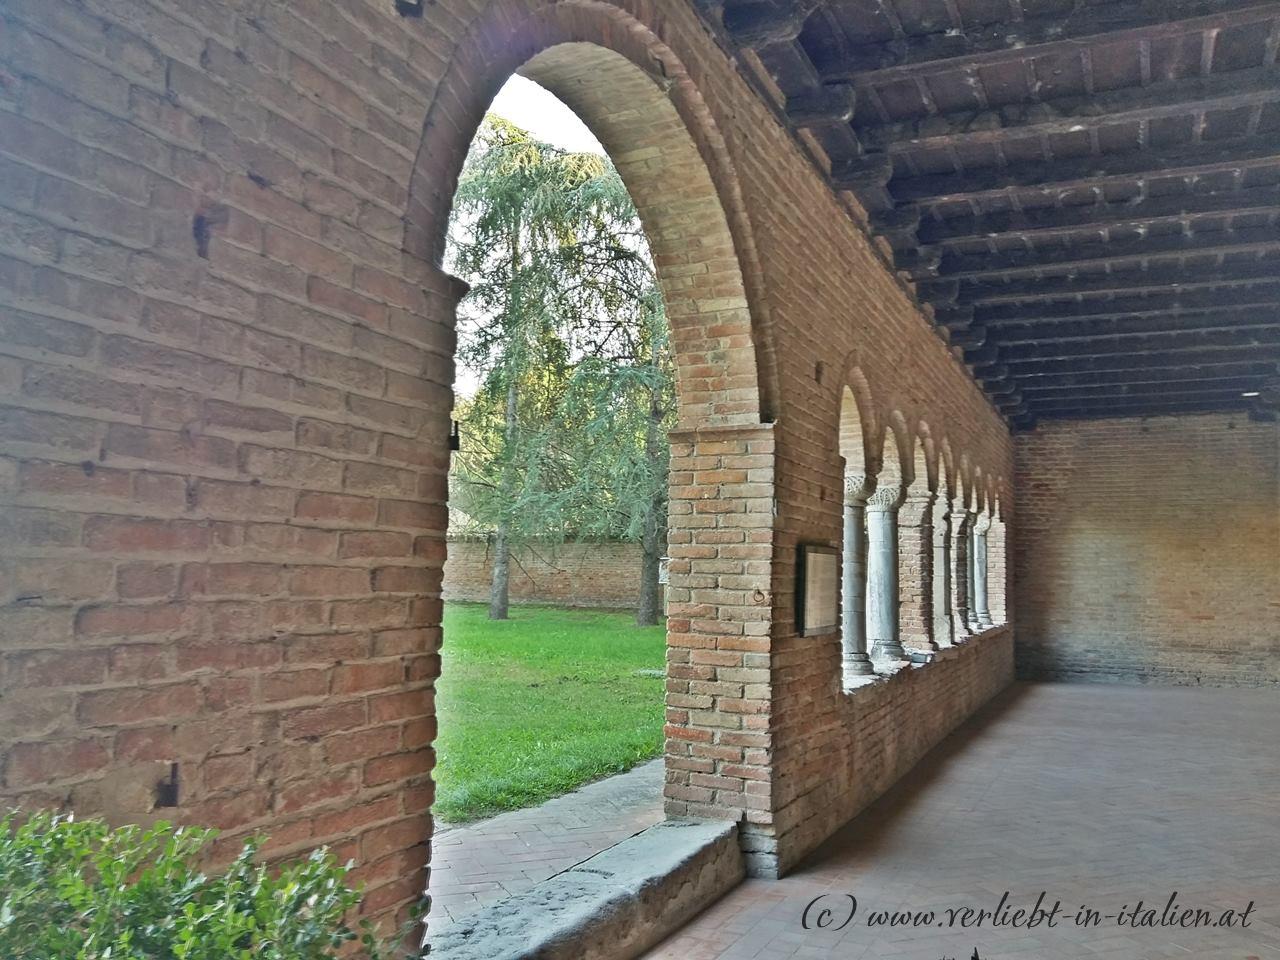 Patio-Palazzo-della-Ragione-Pomposa